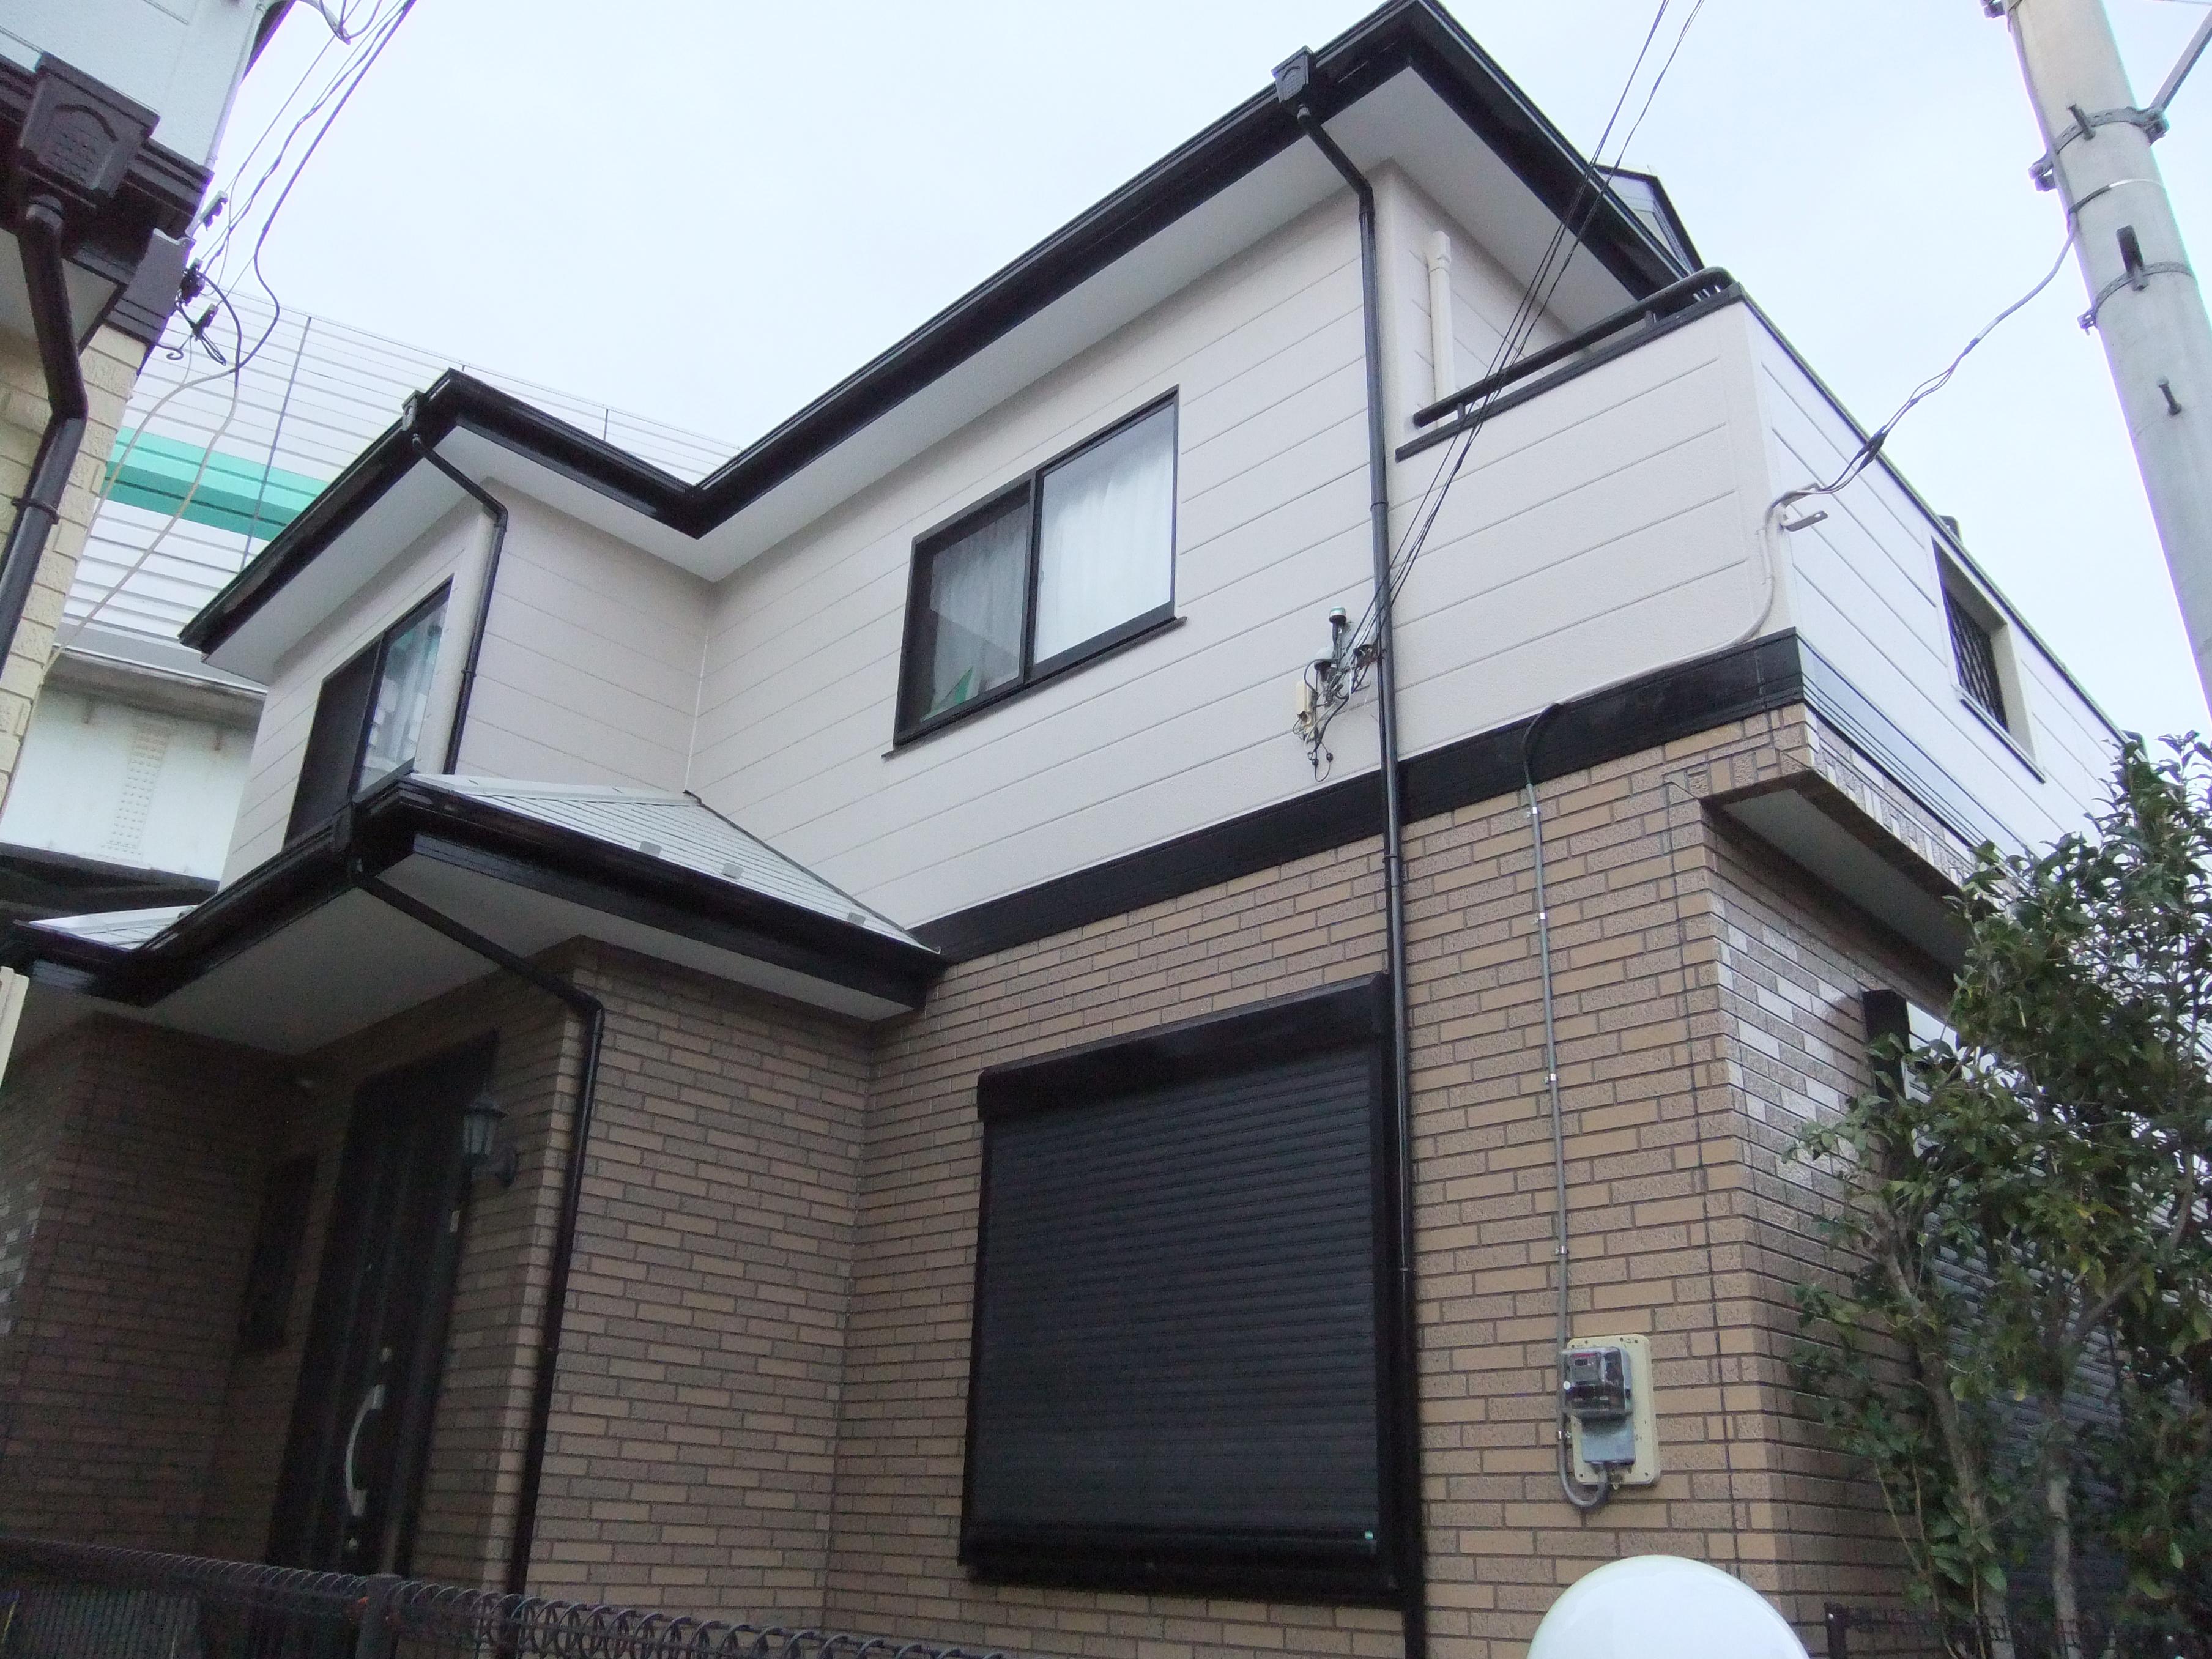 埼玉県さいたま市西区 戸建住宅 屋根外壁塗装